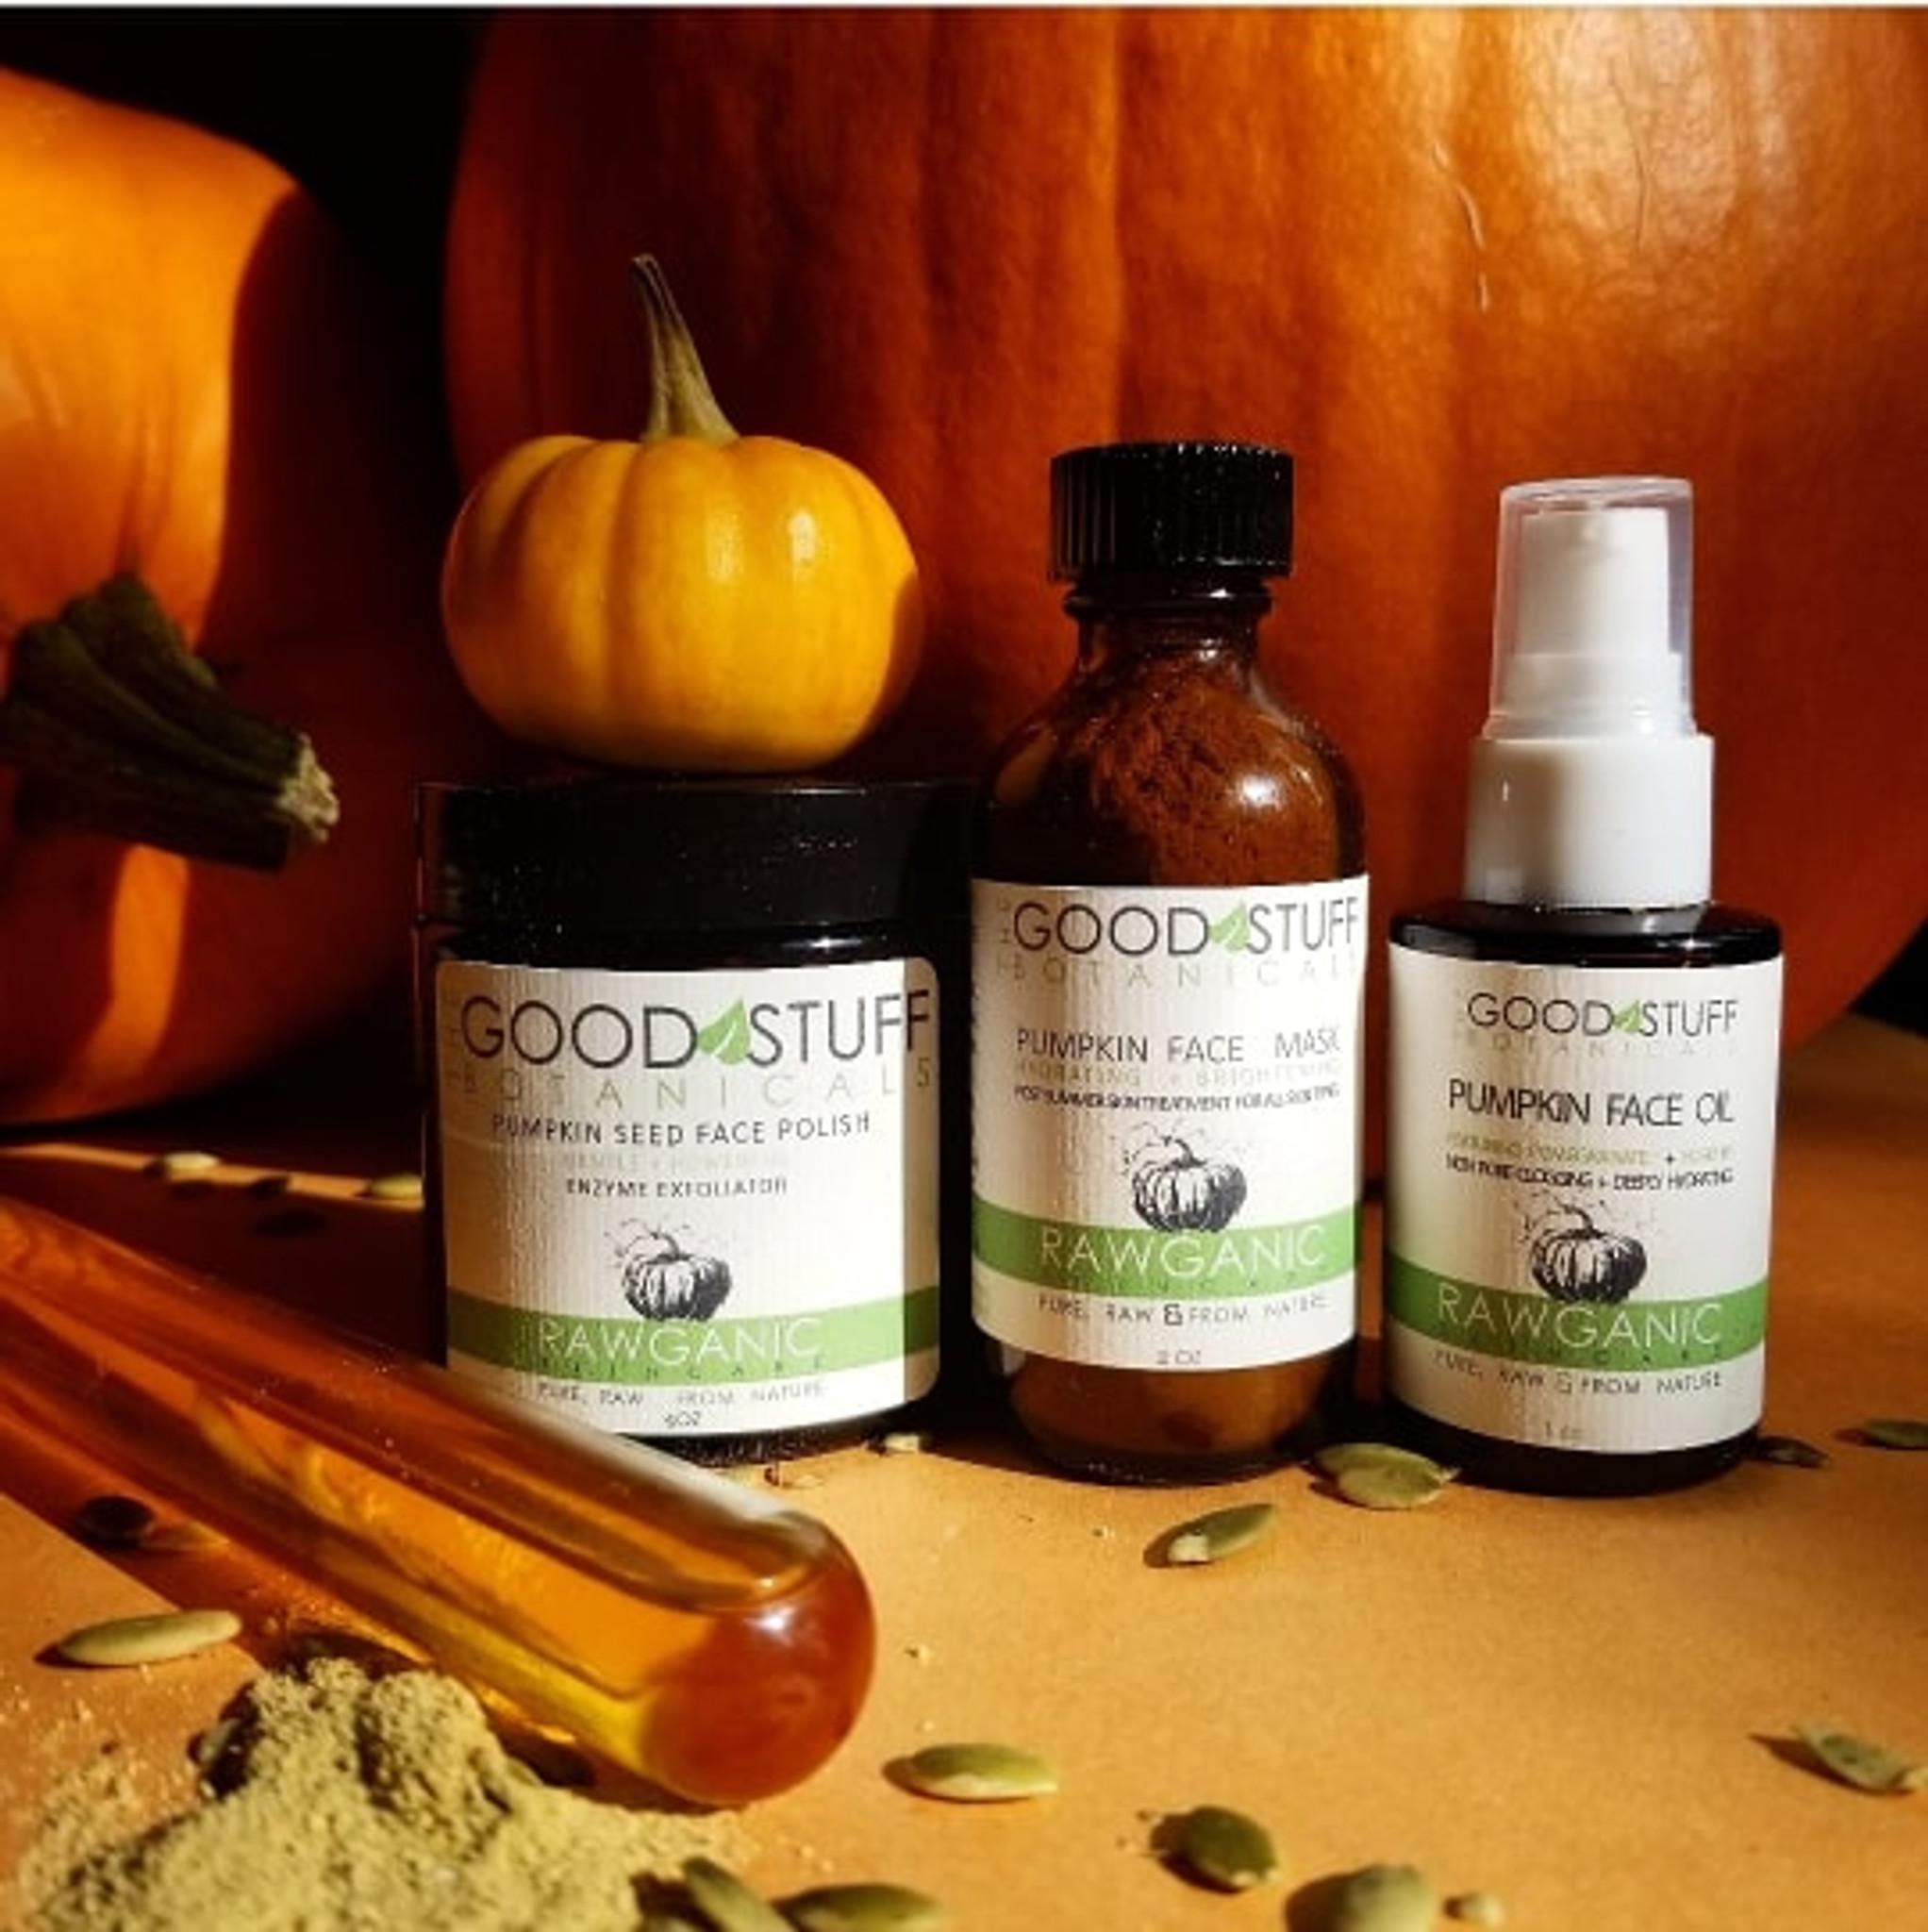 Pumpkin Face Oil